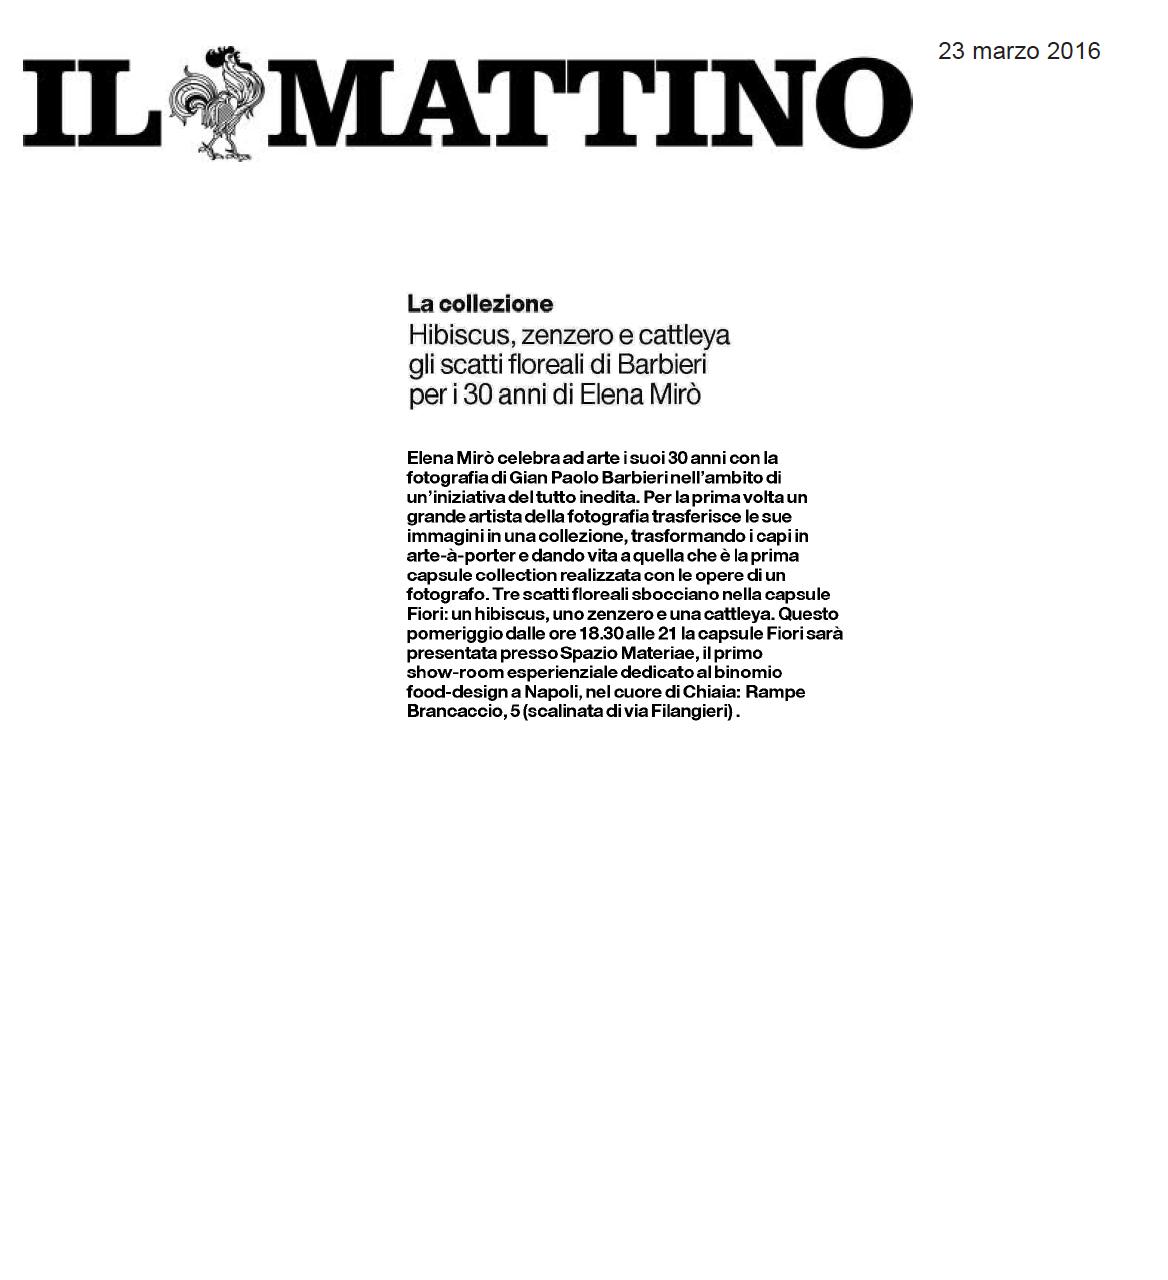 Il Mattino - Capsule Collection Elena Mirò con le foto di Gianpaolo Barbieri a Napoli - Spazio Materiae